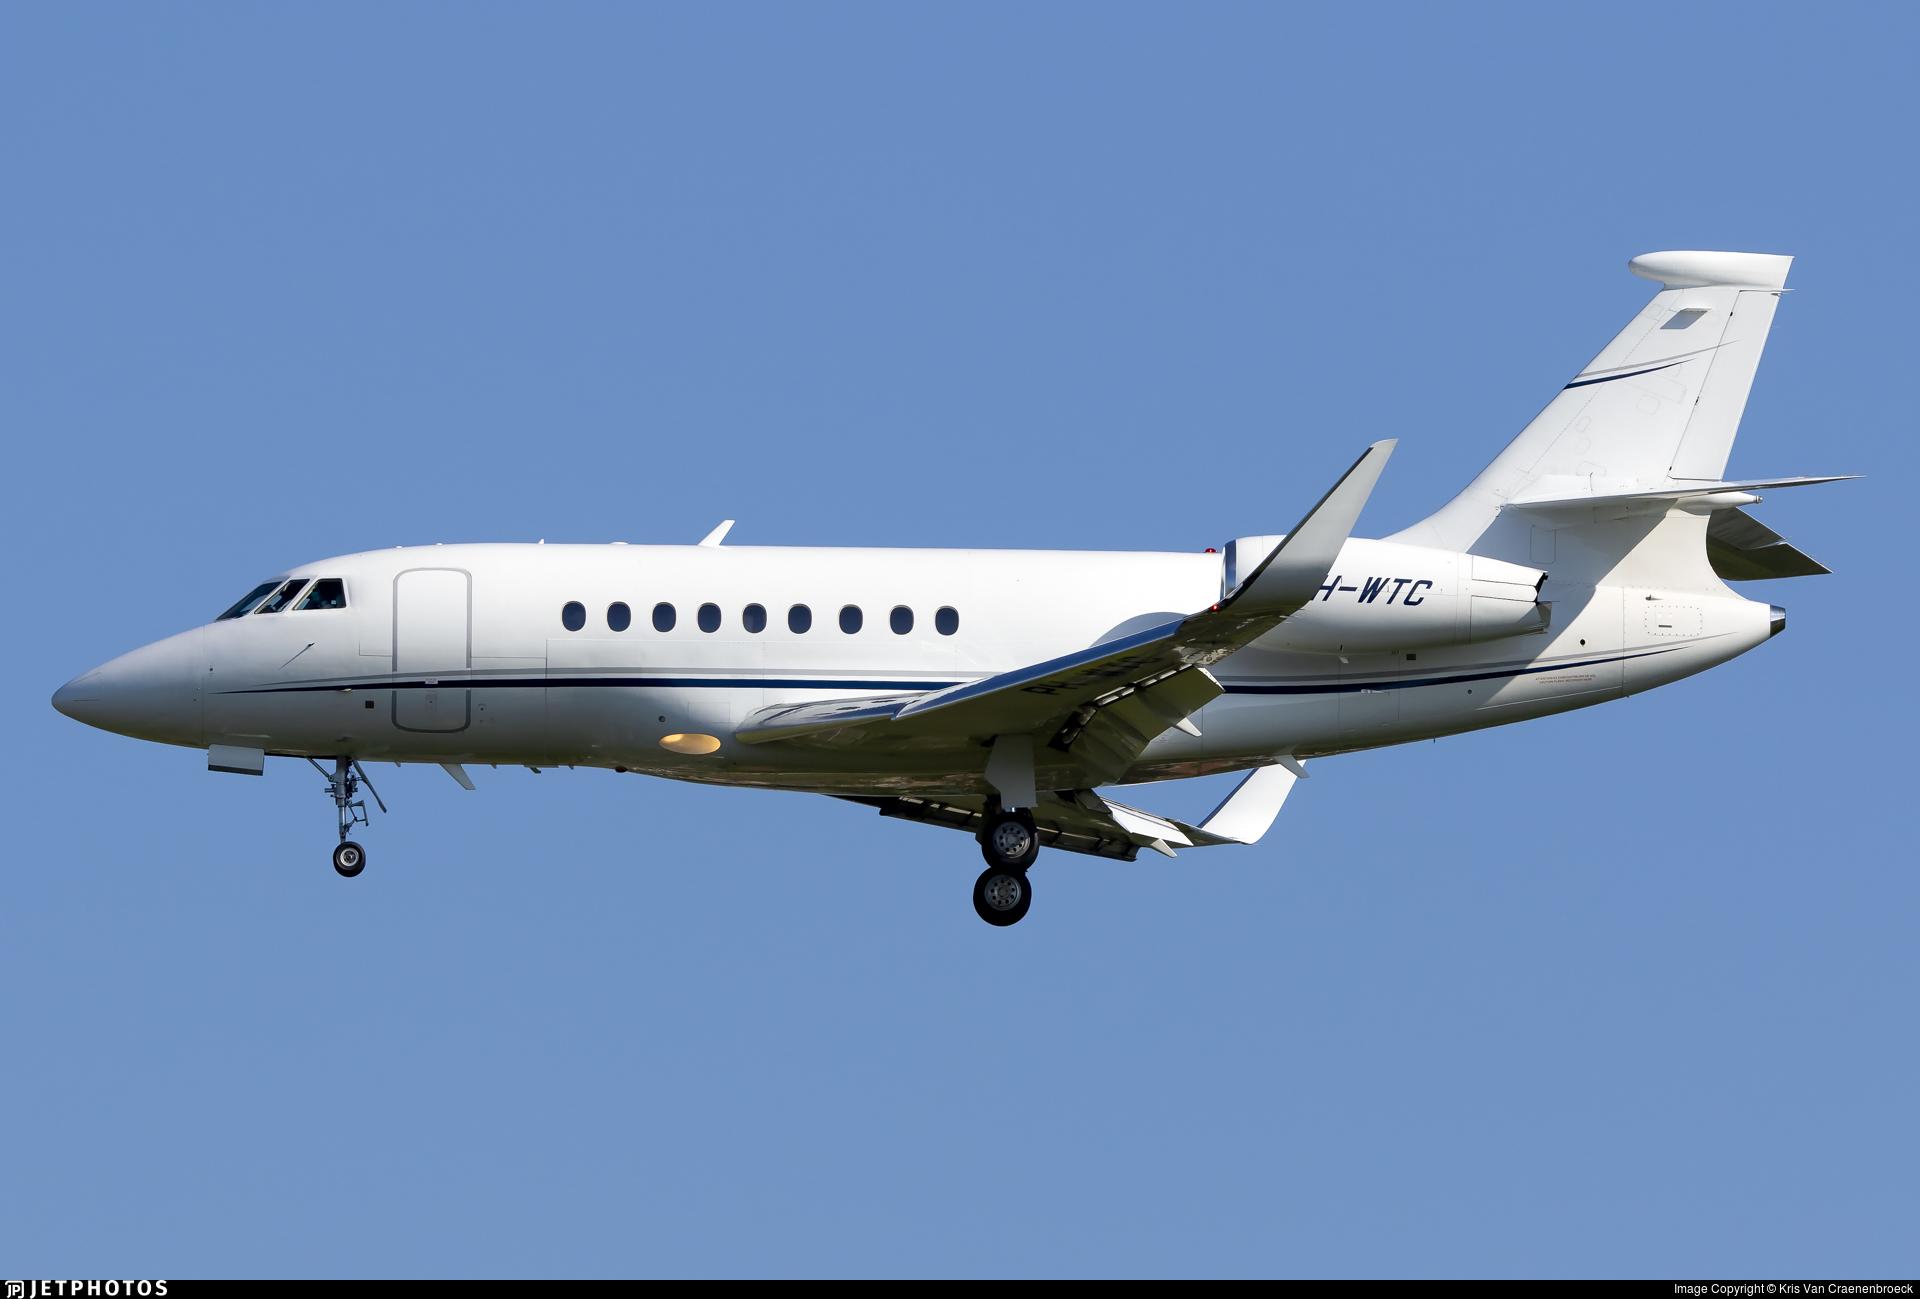 PH-WTC - Dassault Falcon 2000S - Private